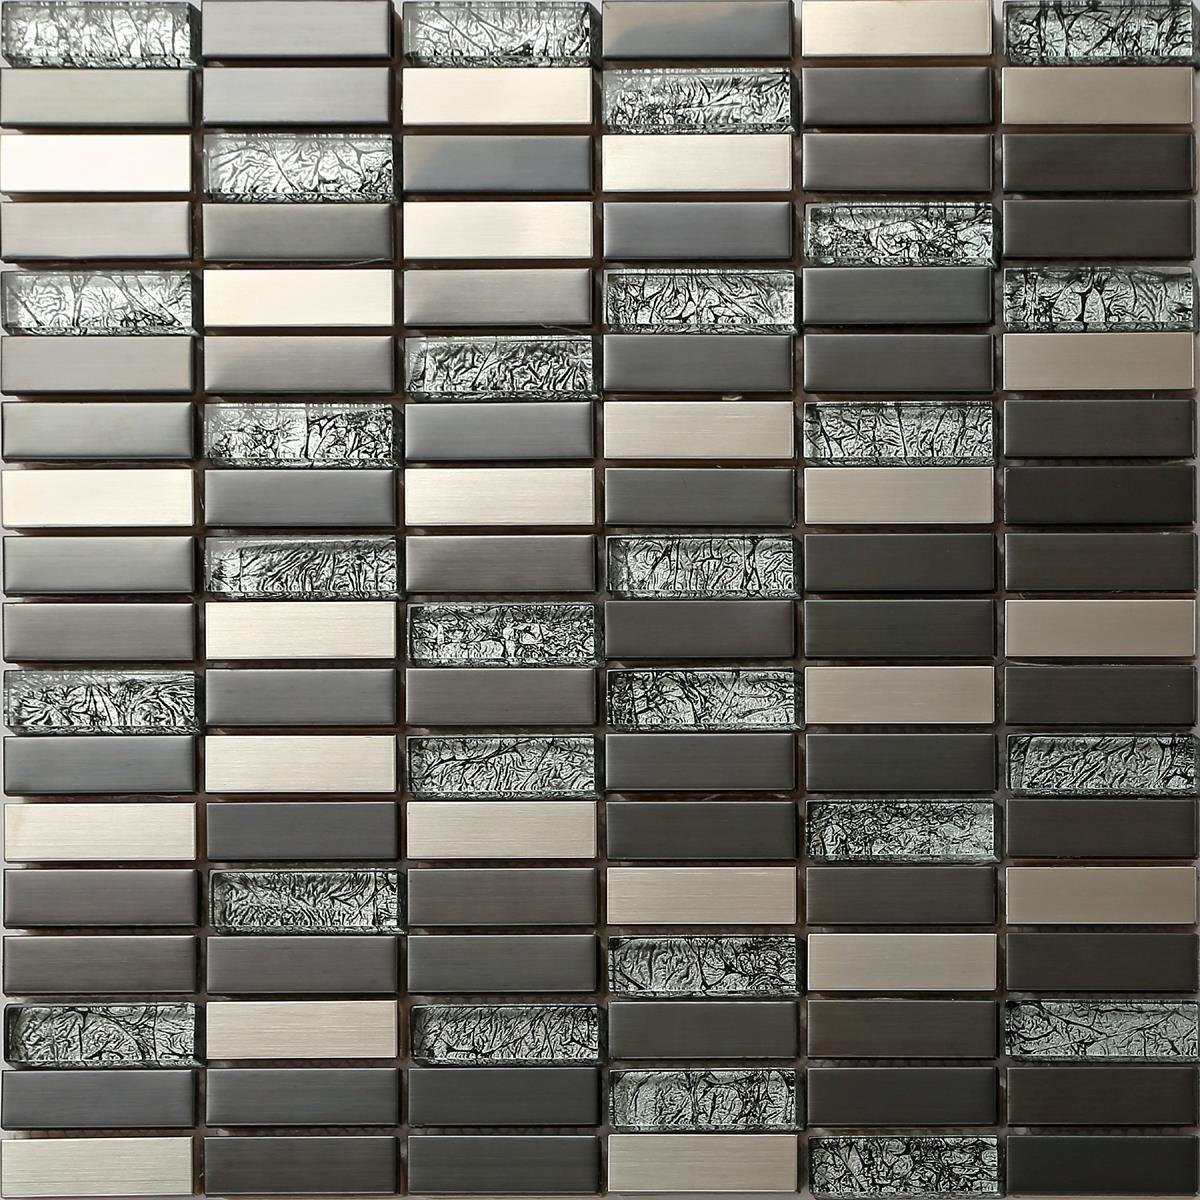 Alfombra de mosaico de mosaico de acero inoxidable y vidrio en negro y plata Alfombrillas de 30 cm x 30 cm x 8 mm (MT0102) GTDE